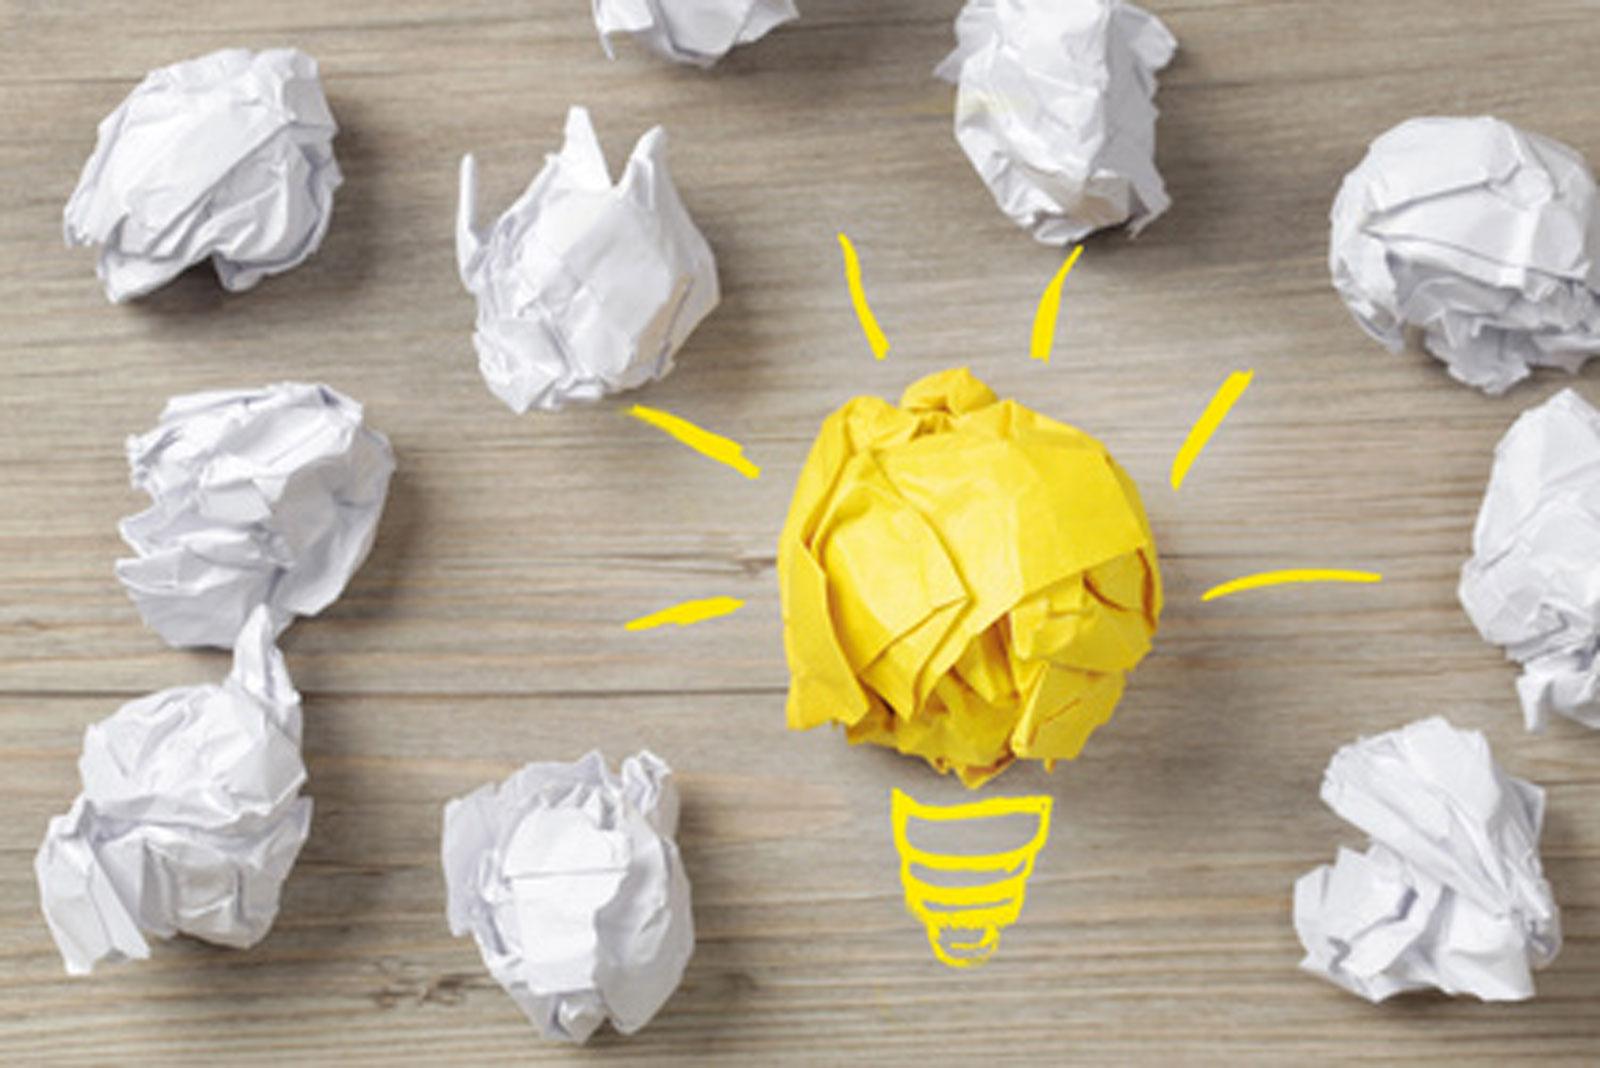 Chancen nutzen! Die beste Zeit für Ideen und Innovationen